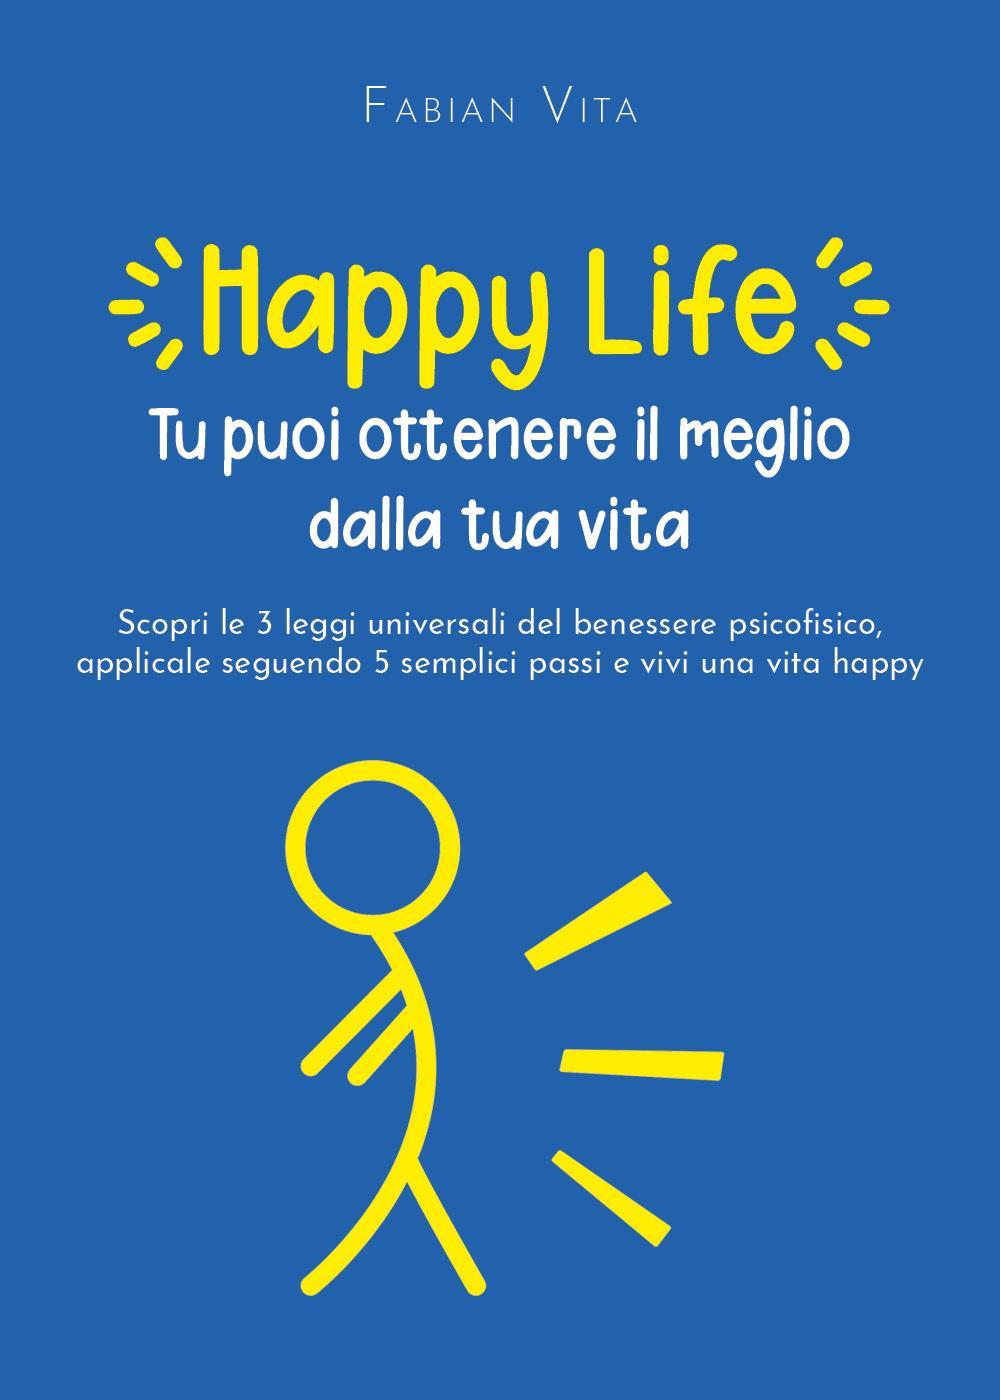 Happylife - tu puoi ottenere il meglio dalla tua vita